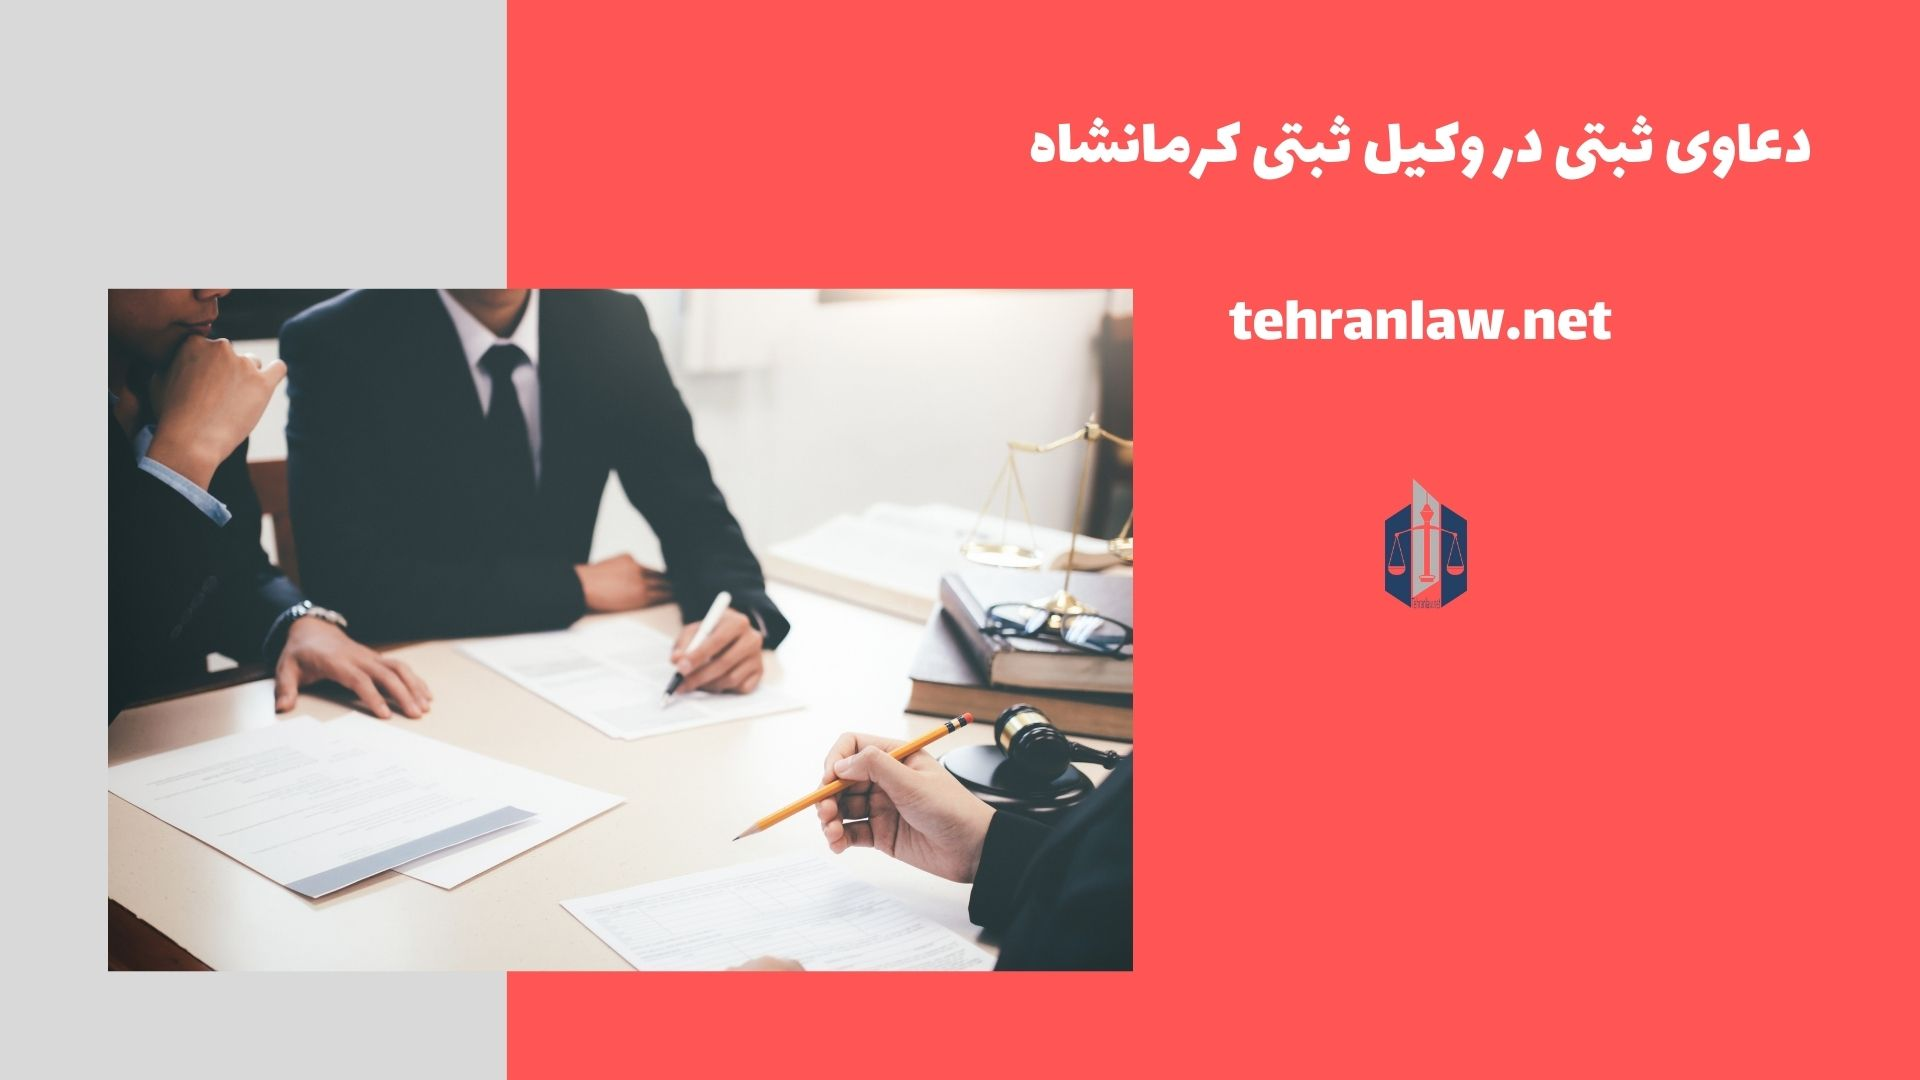 دعاوی ثبتی در وکیل ثبتی کرمانشاه